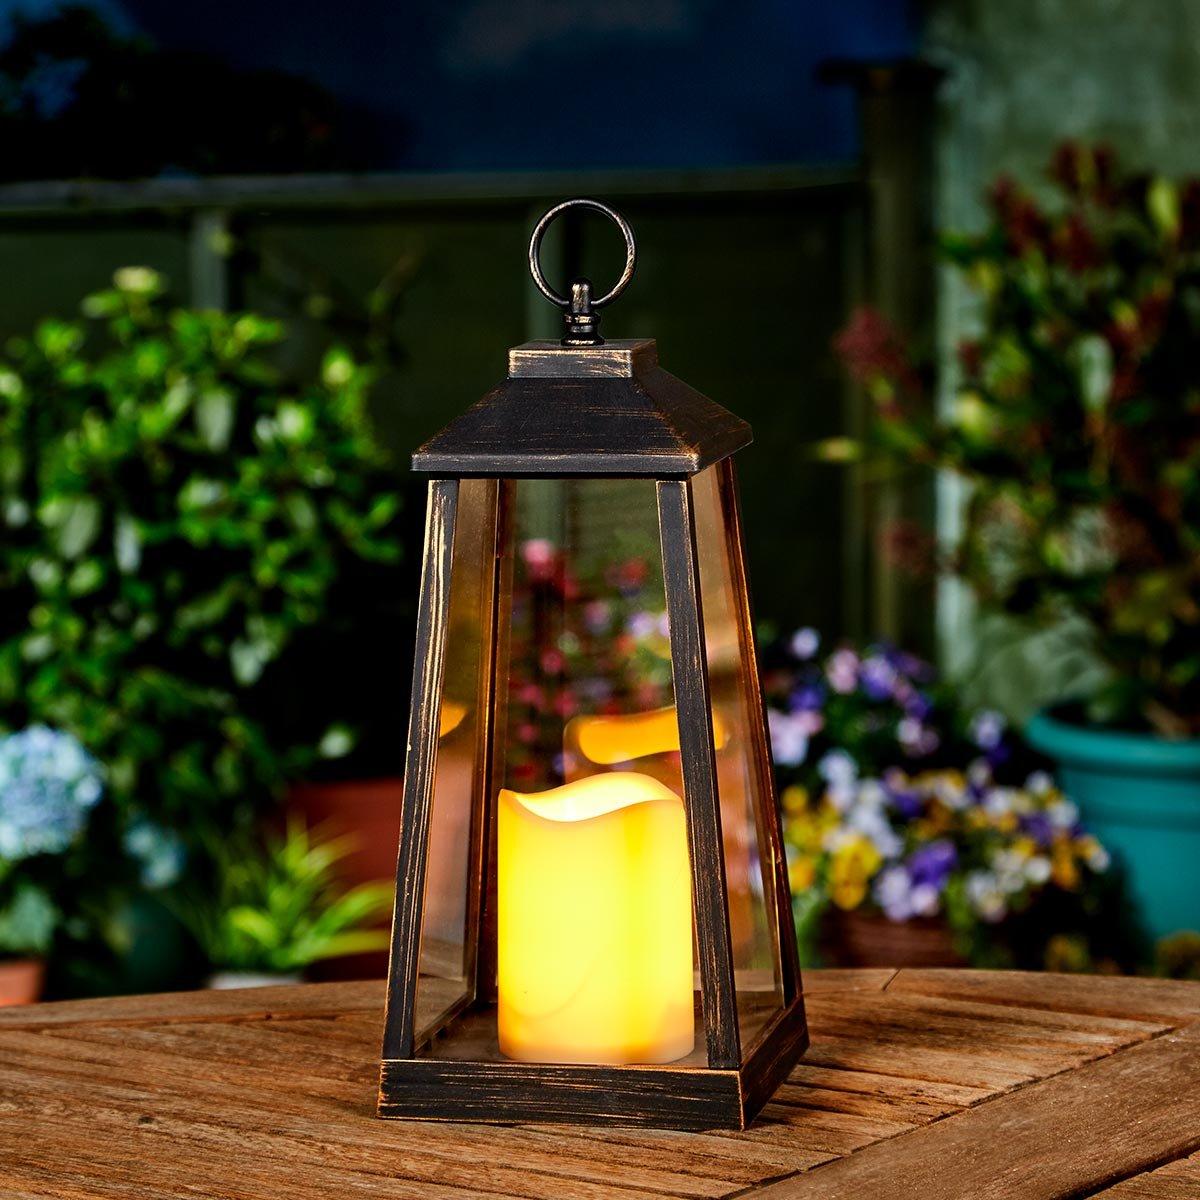 batteriebetriebene Outdoor Laterne, mit LED Kerze und täuschend echt wirkenden Flacker Effekt, von Festive Lights (Grau)